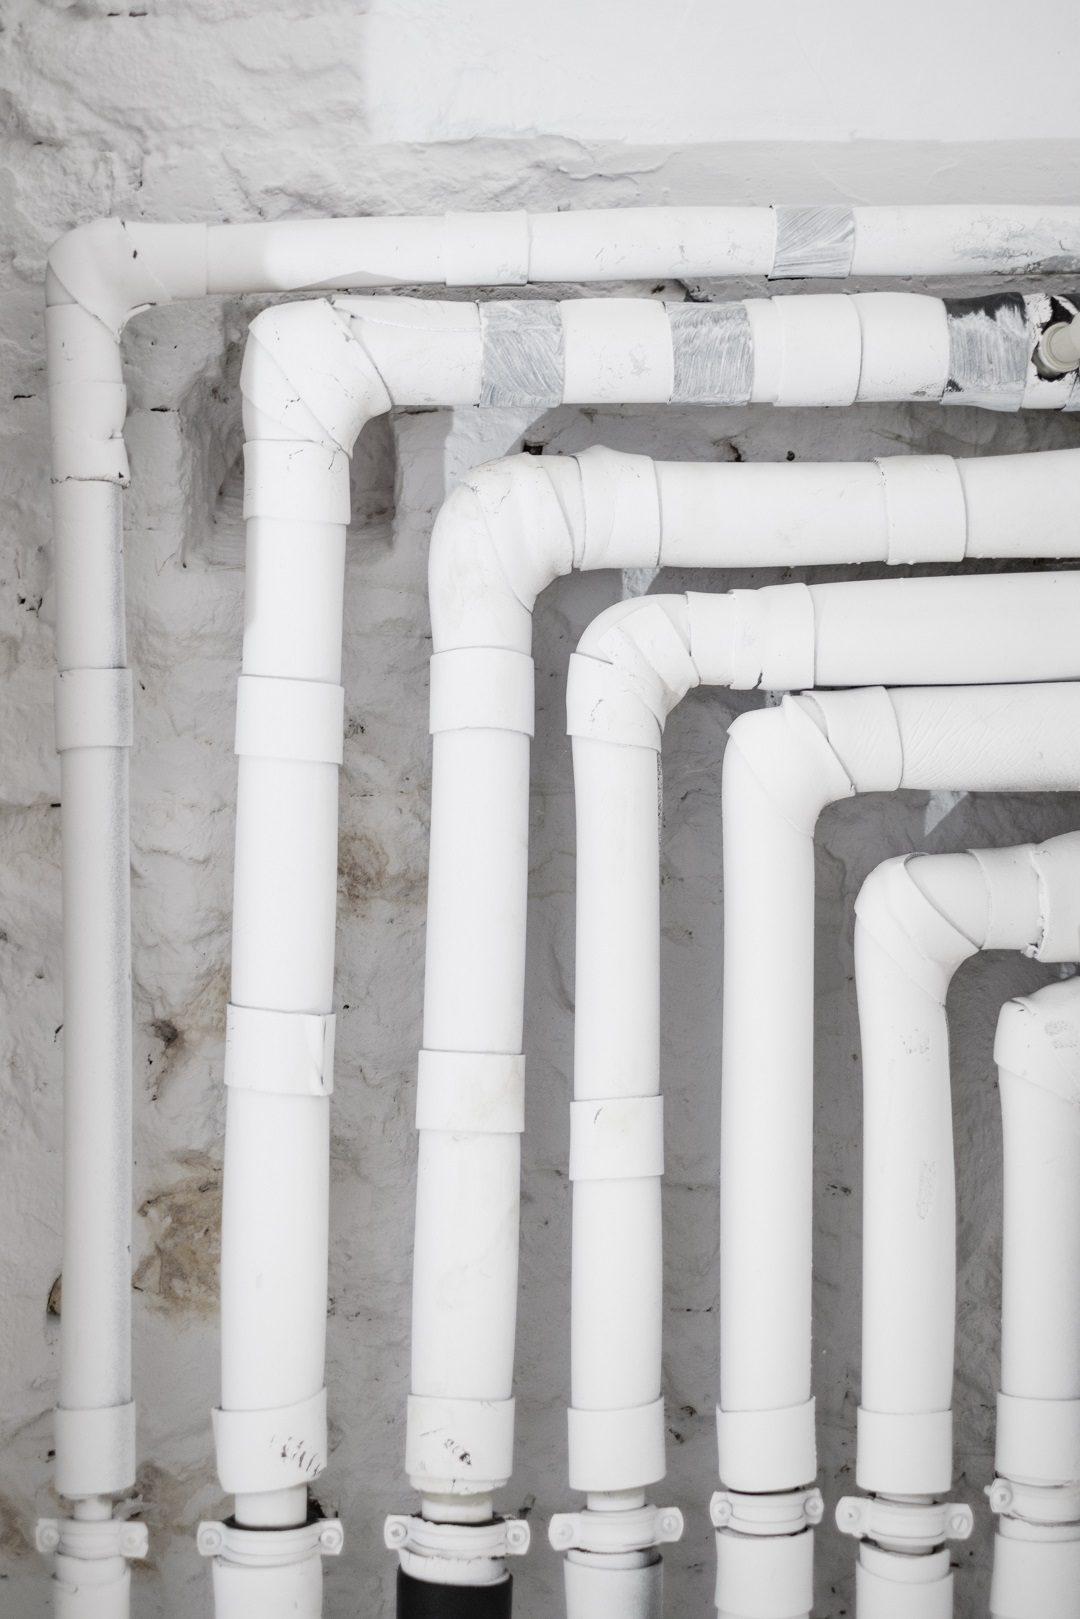 tuyaux d'eau chaude